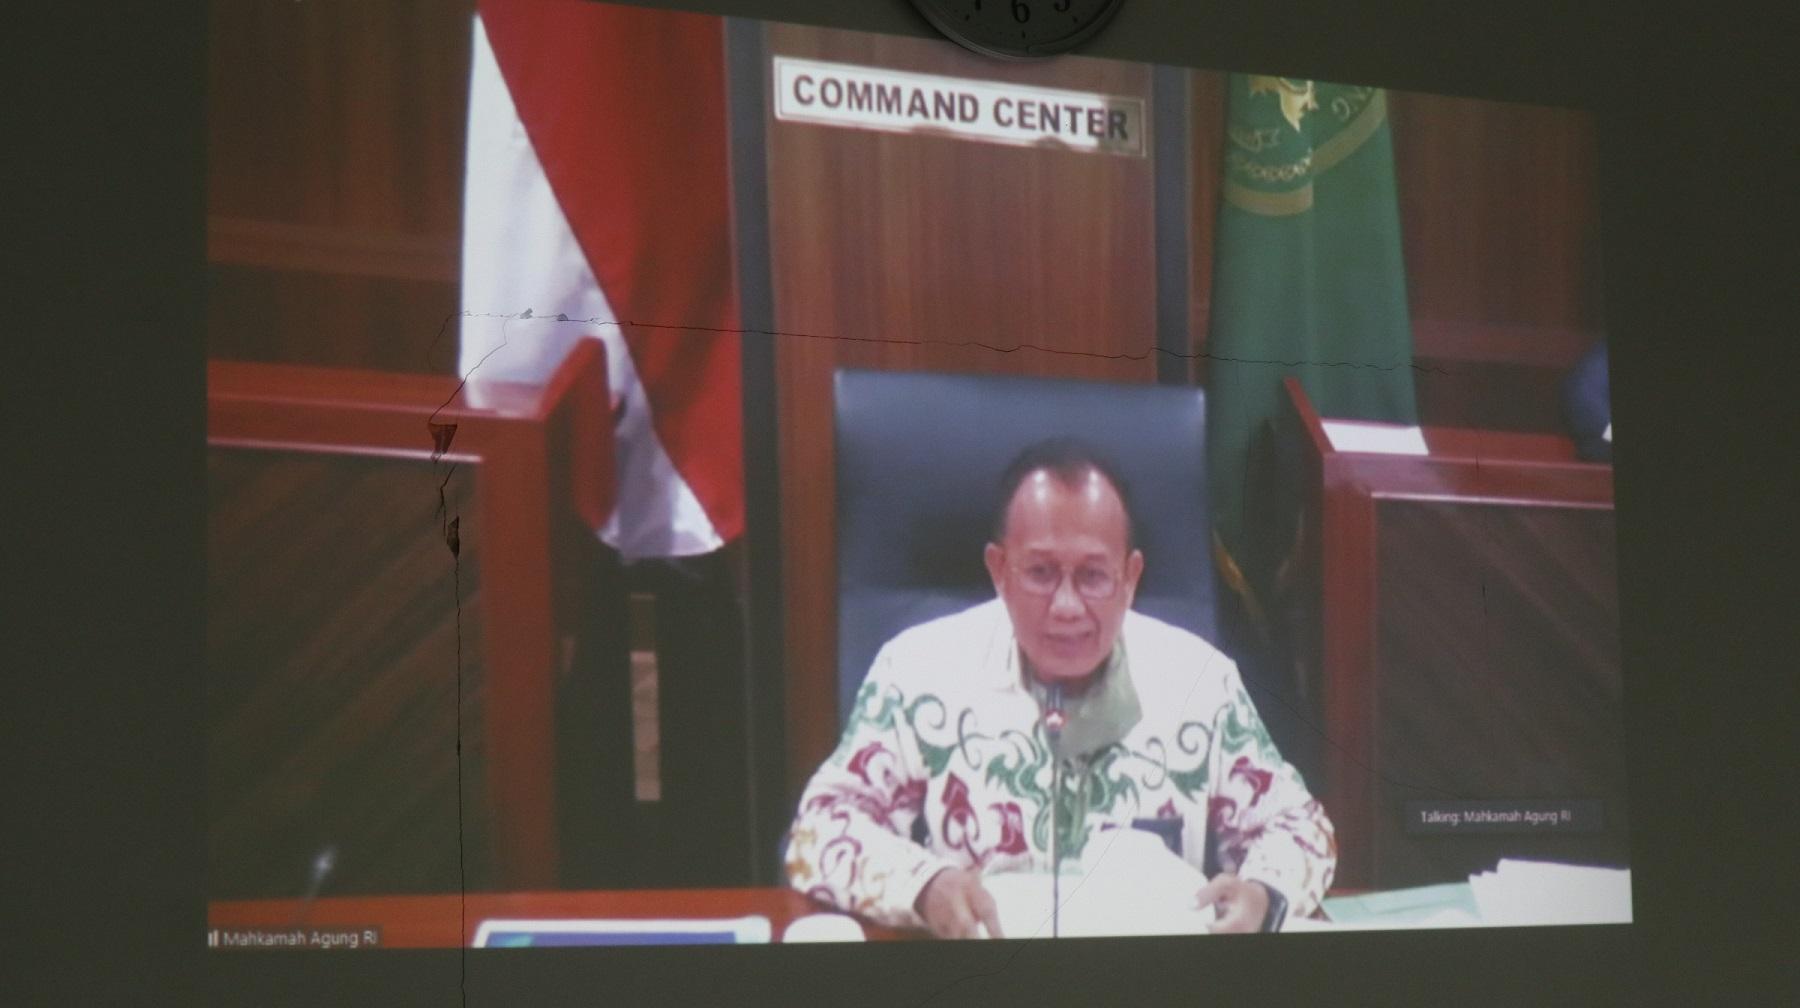 Video Conference dengan Bapak Sekretaris Mahkamah Agung mengenai Survey Budaya Kerja dan Persiapan MA menuju New Normal dalam Masa Pandemi COVID-19